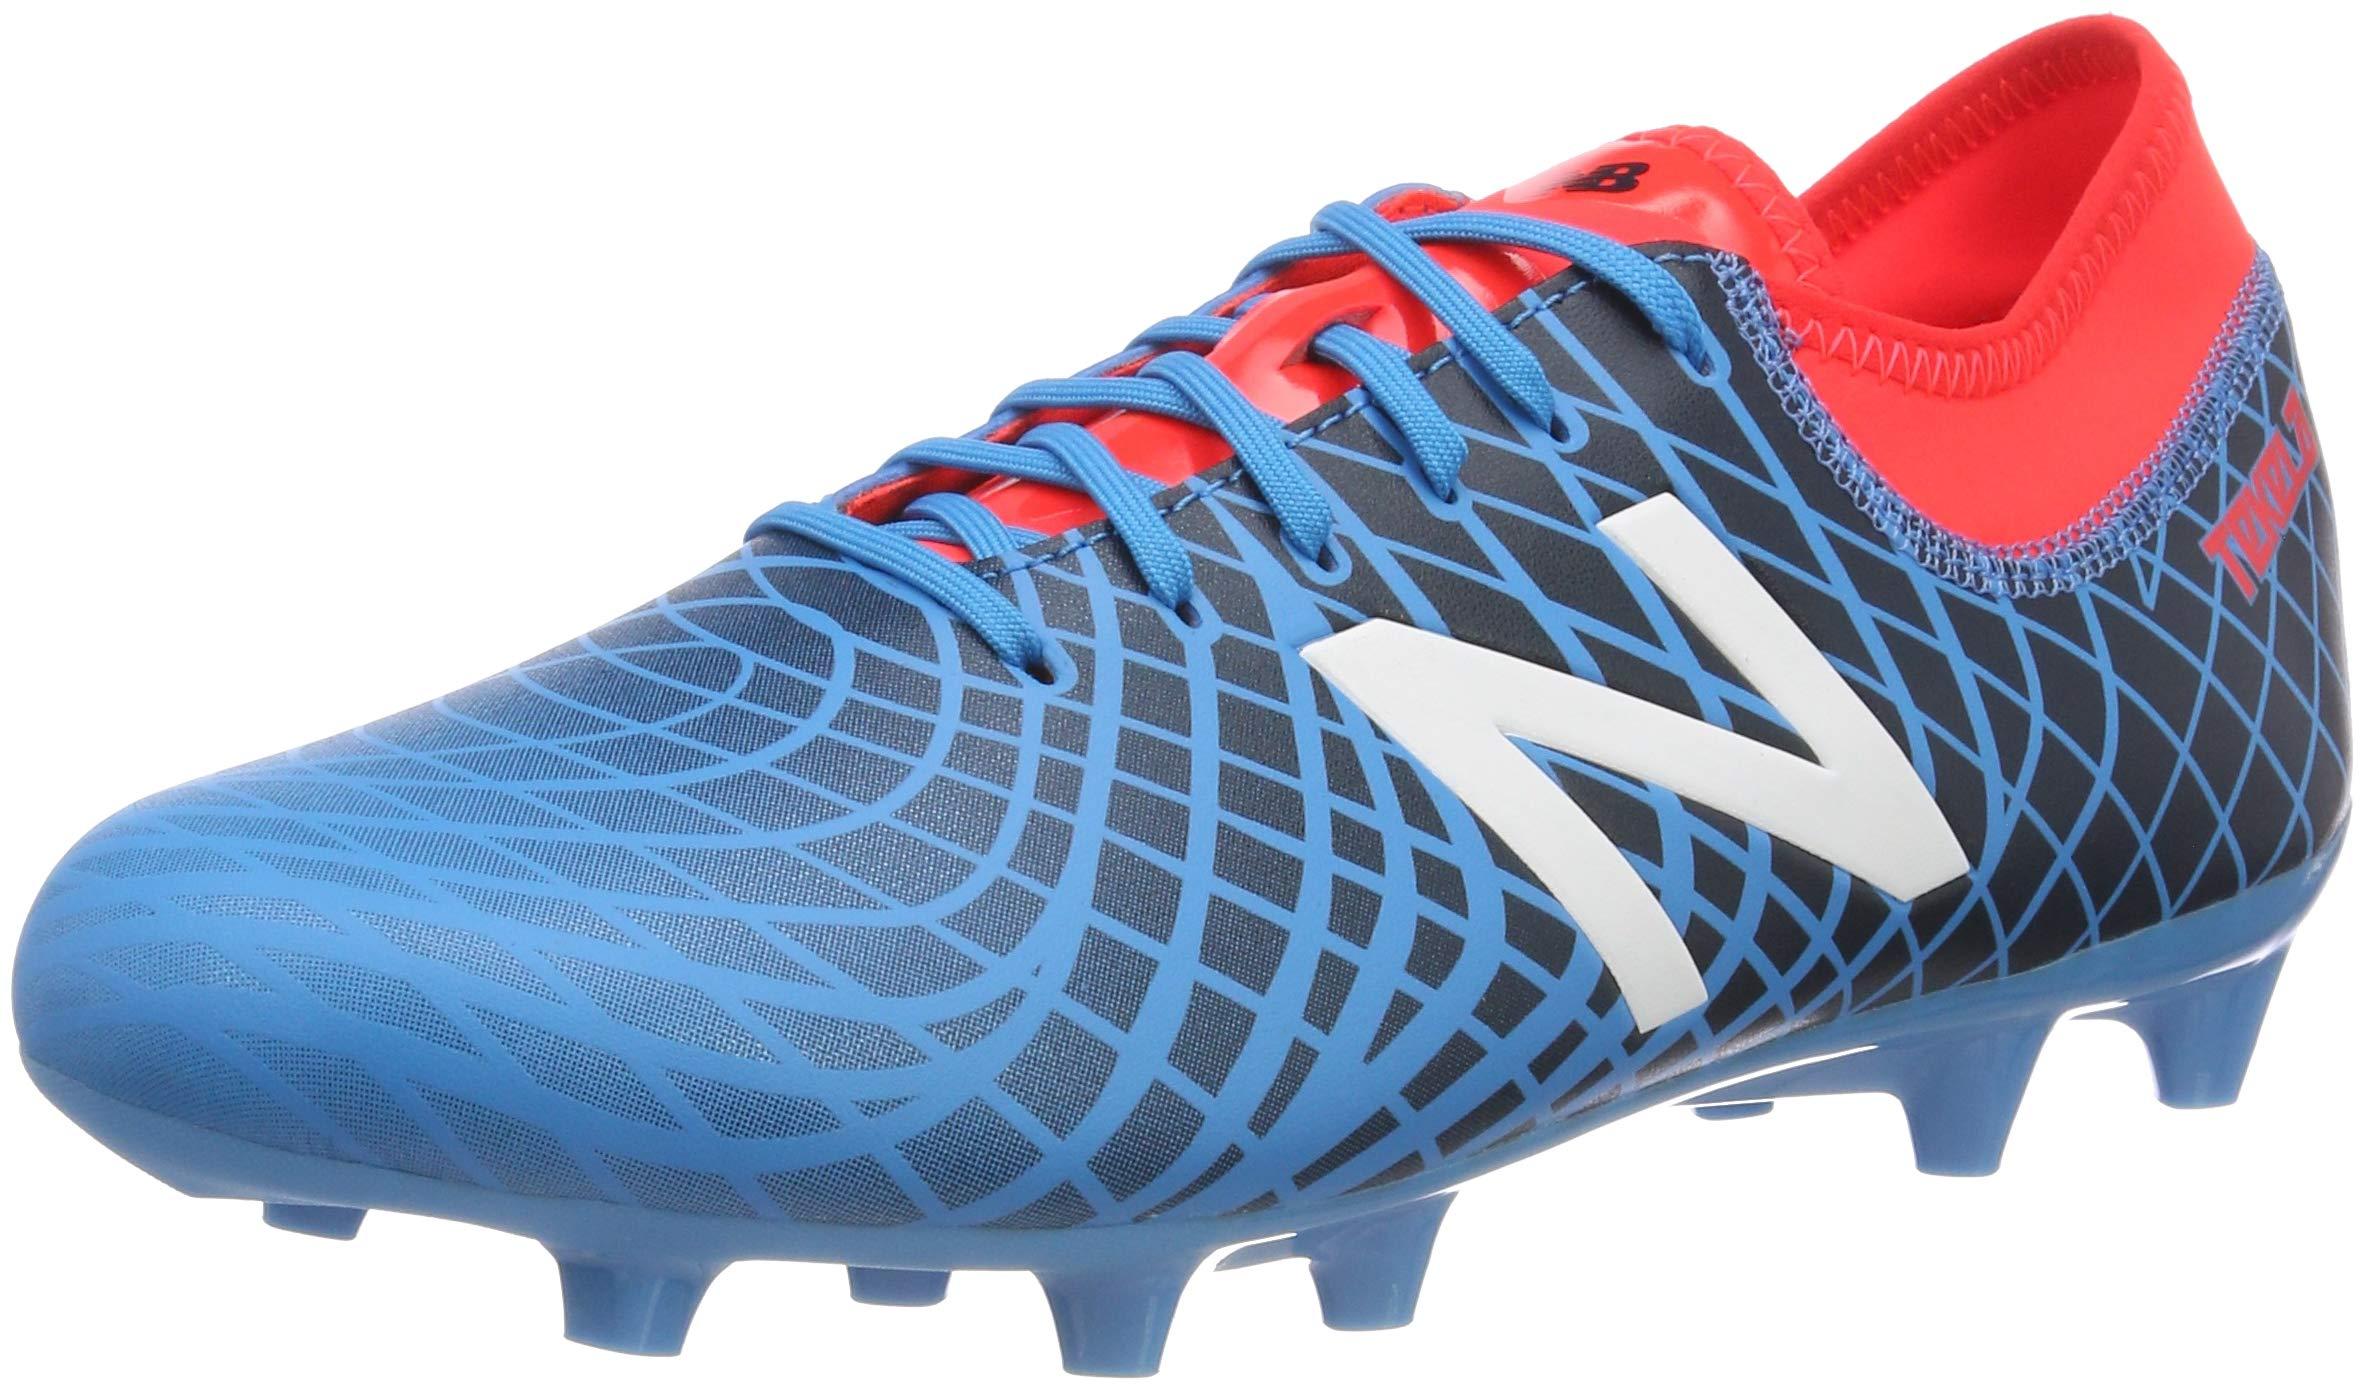 4de019b5cdd New Balance Men s Tekela Magique Fg Football Boots – Just Sports UK